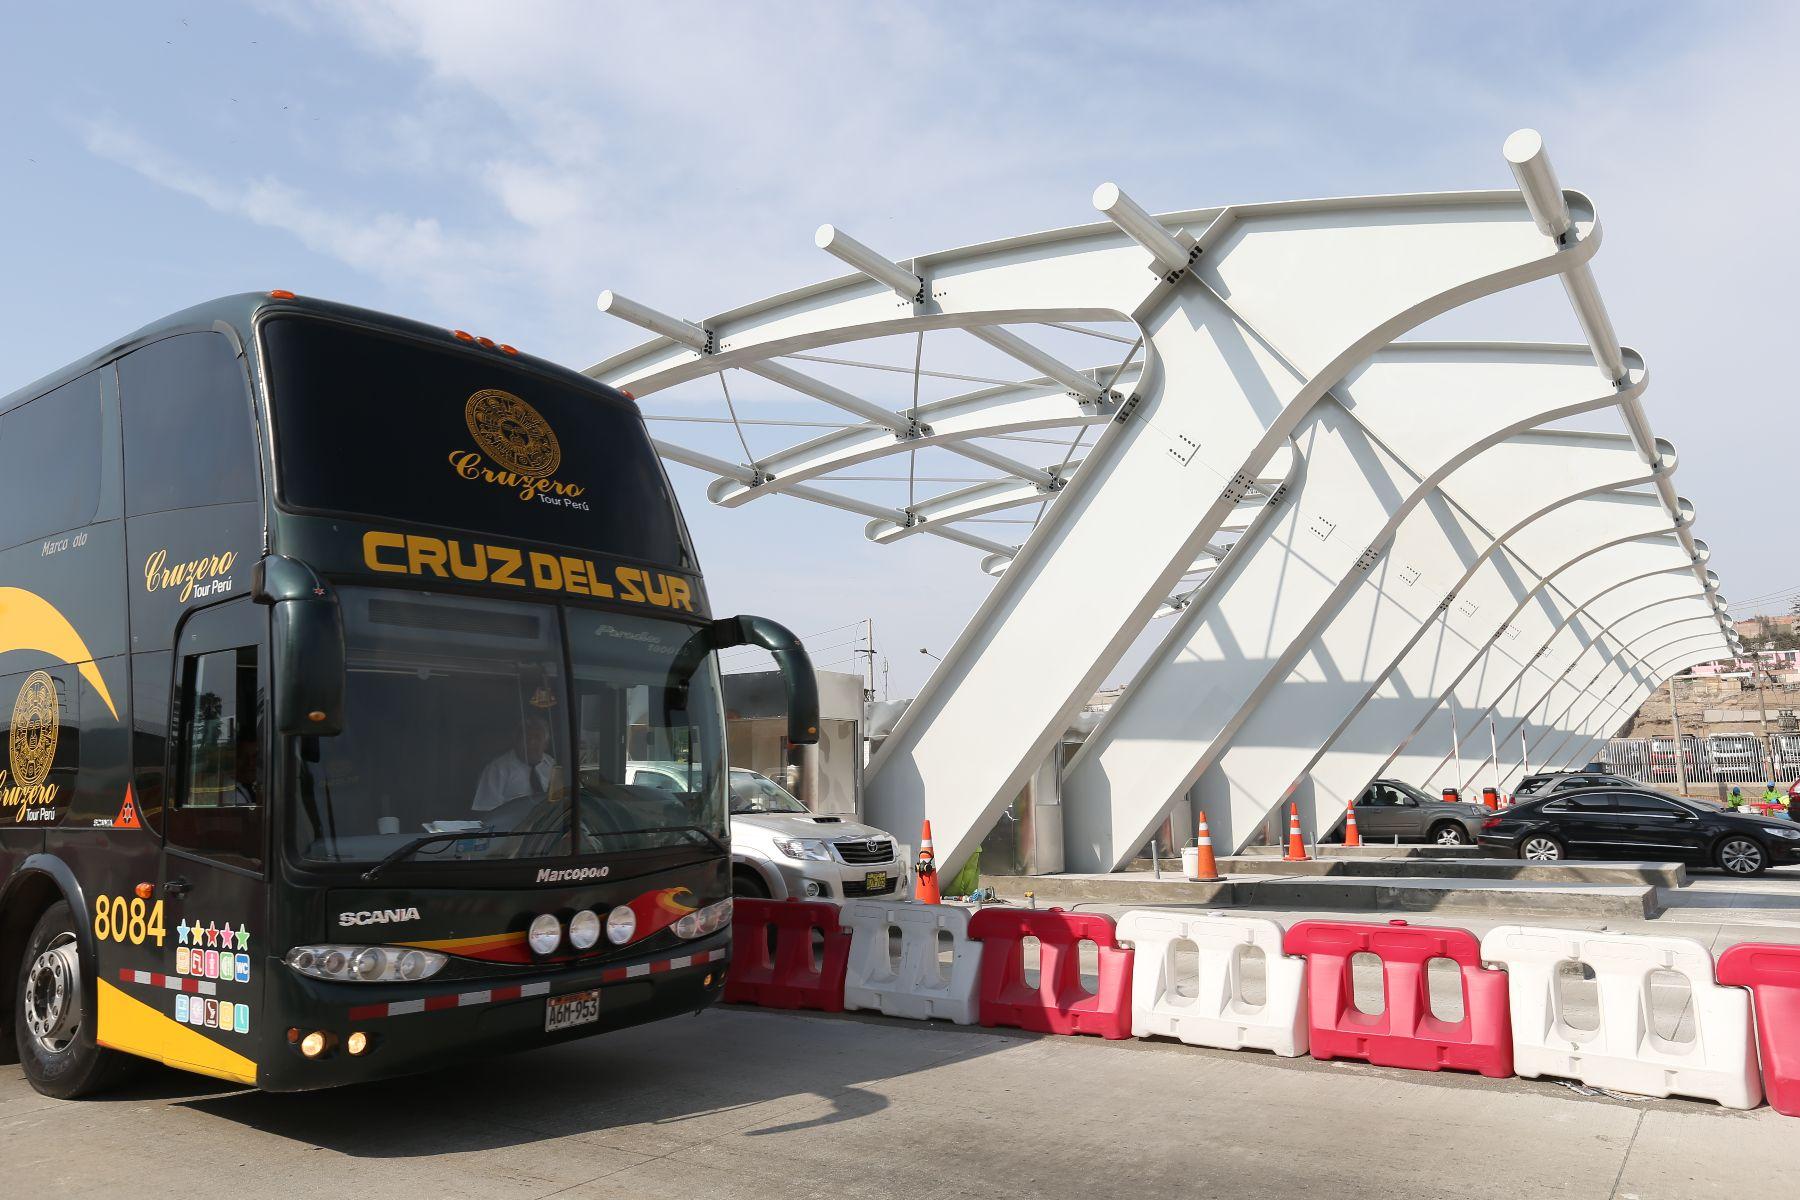 infraestructura-de-transporte-acumulo-mas-de-us-9000-millones-en-app